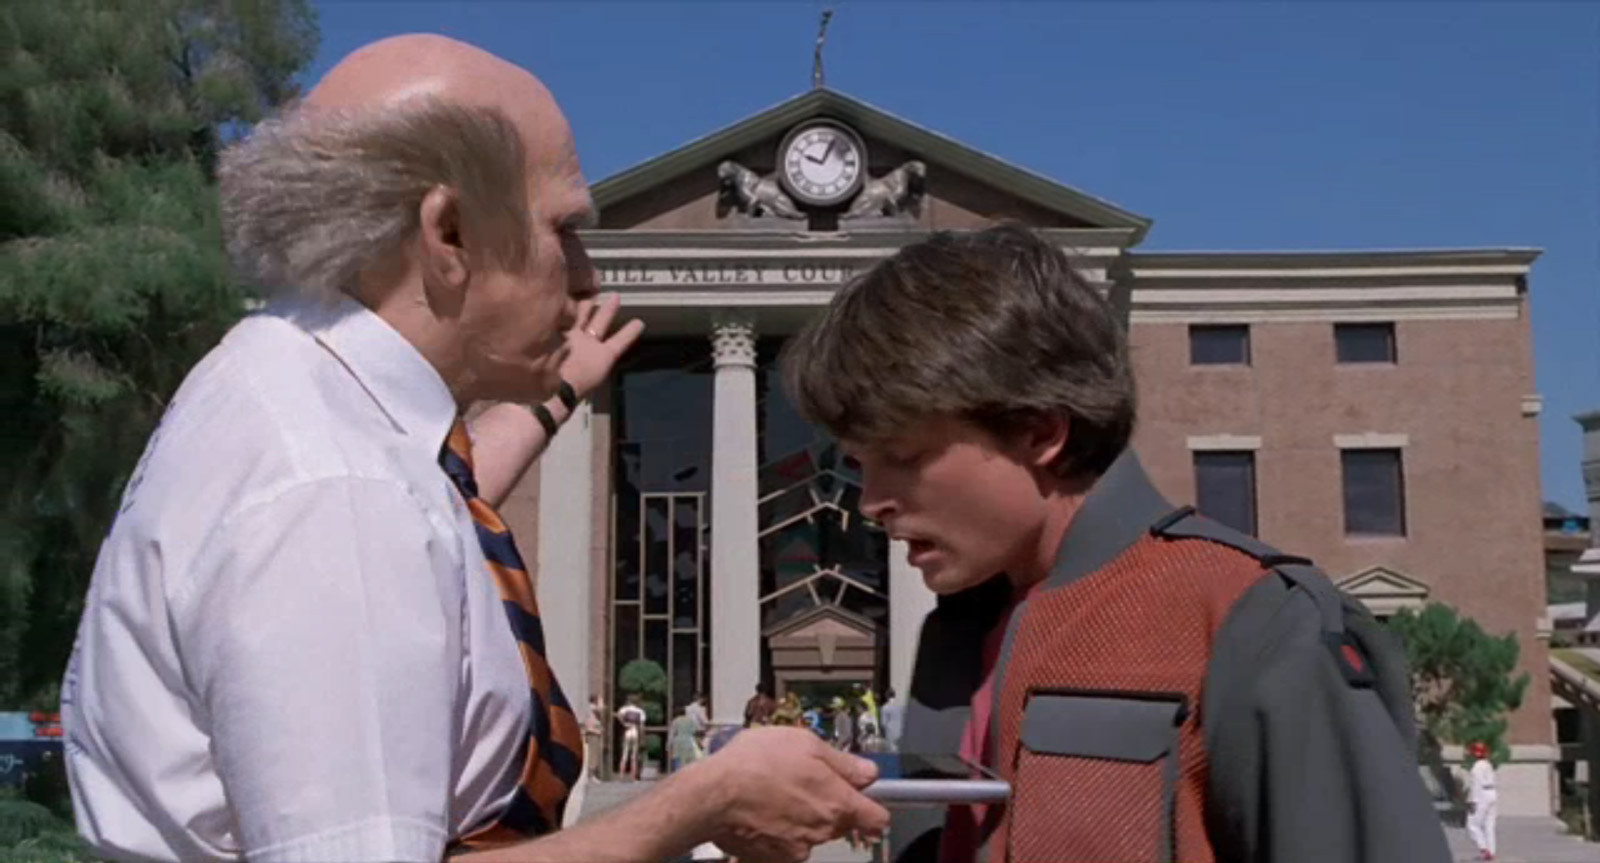 Terry (et non Doc) présente une tablette tactile à Marty (Image : Universal Pictures).